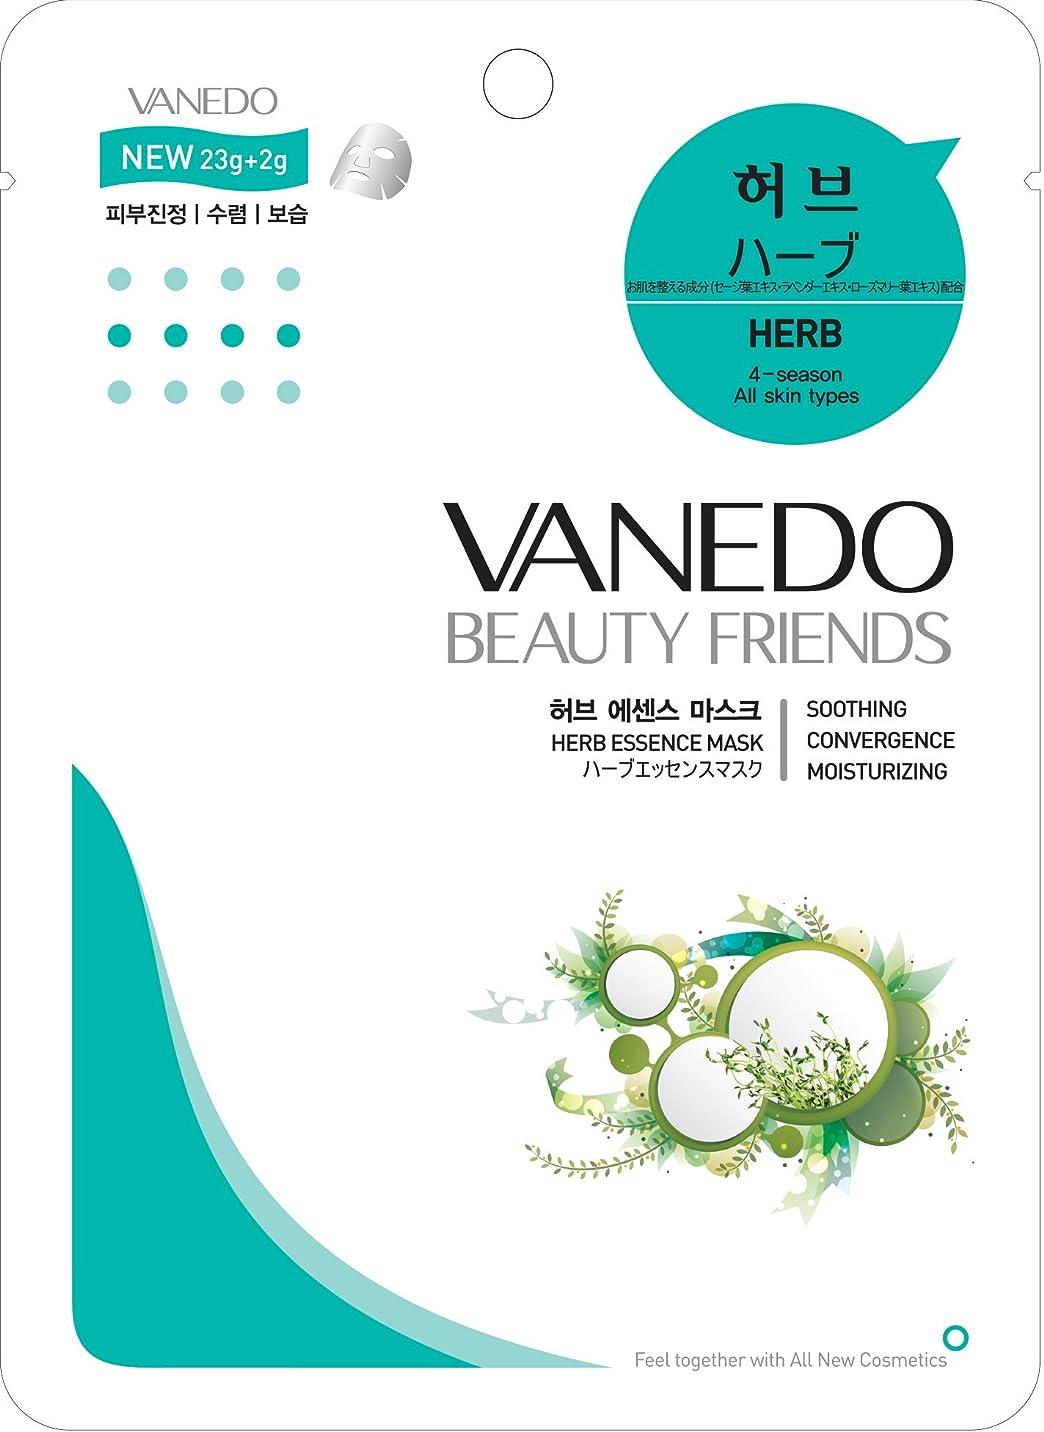 叱るシェード忍耐【VANEDO】バネド シートマスク ハーブ 10枚セット/エッセンス/保湿/フェイスマスク/フェイスパック/マスクパック/韓国コスメ [メール便]